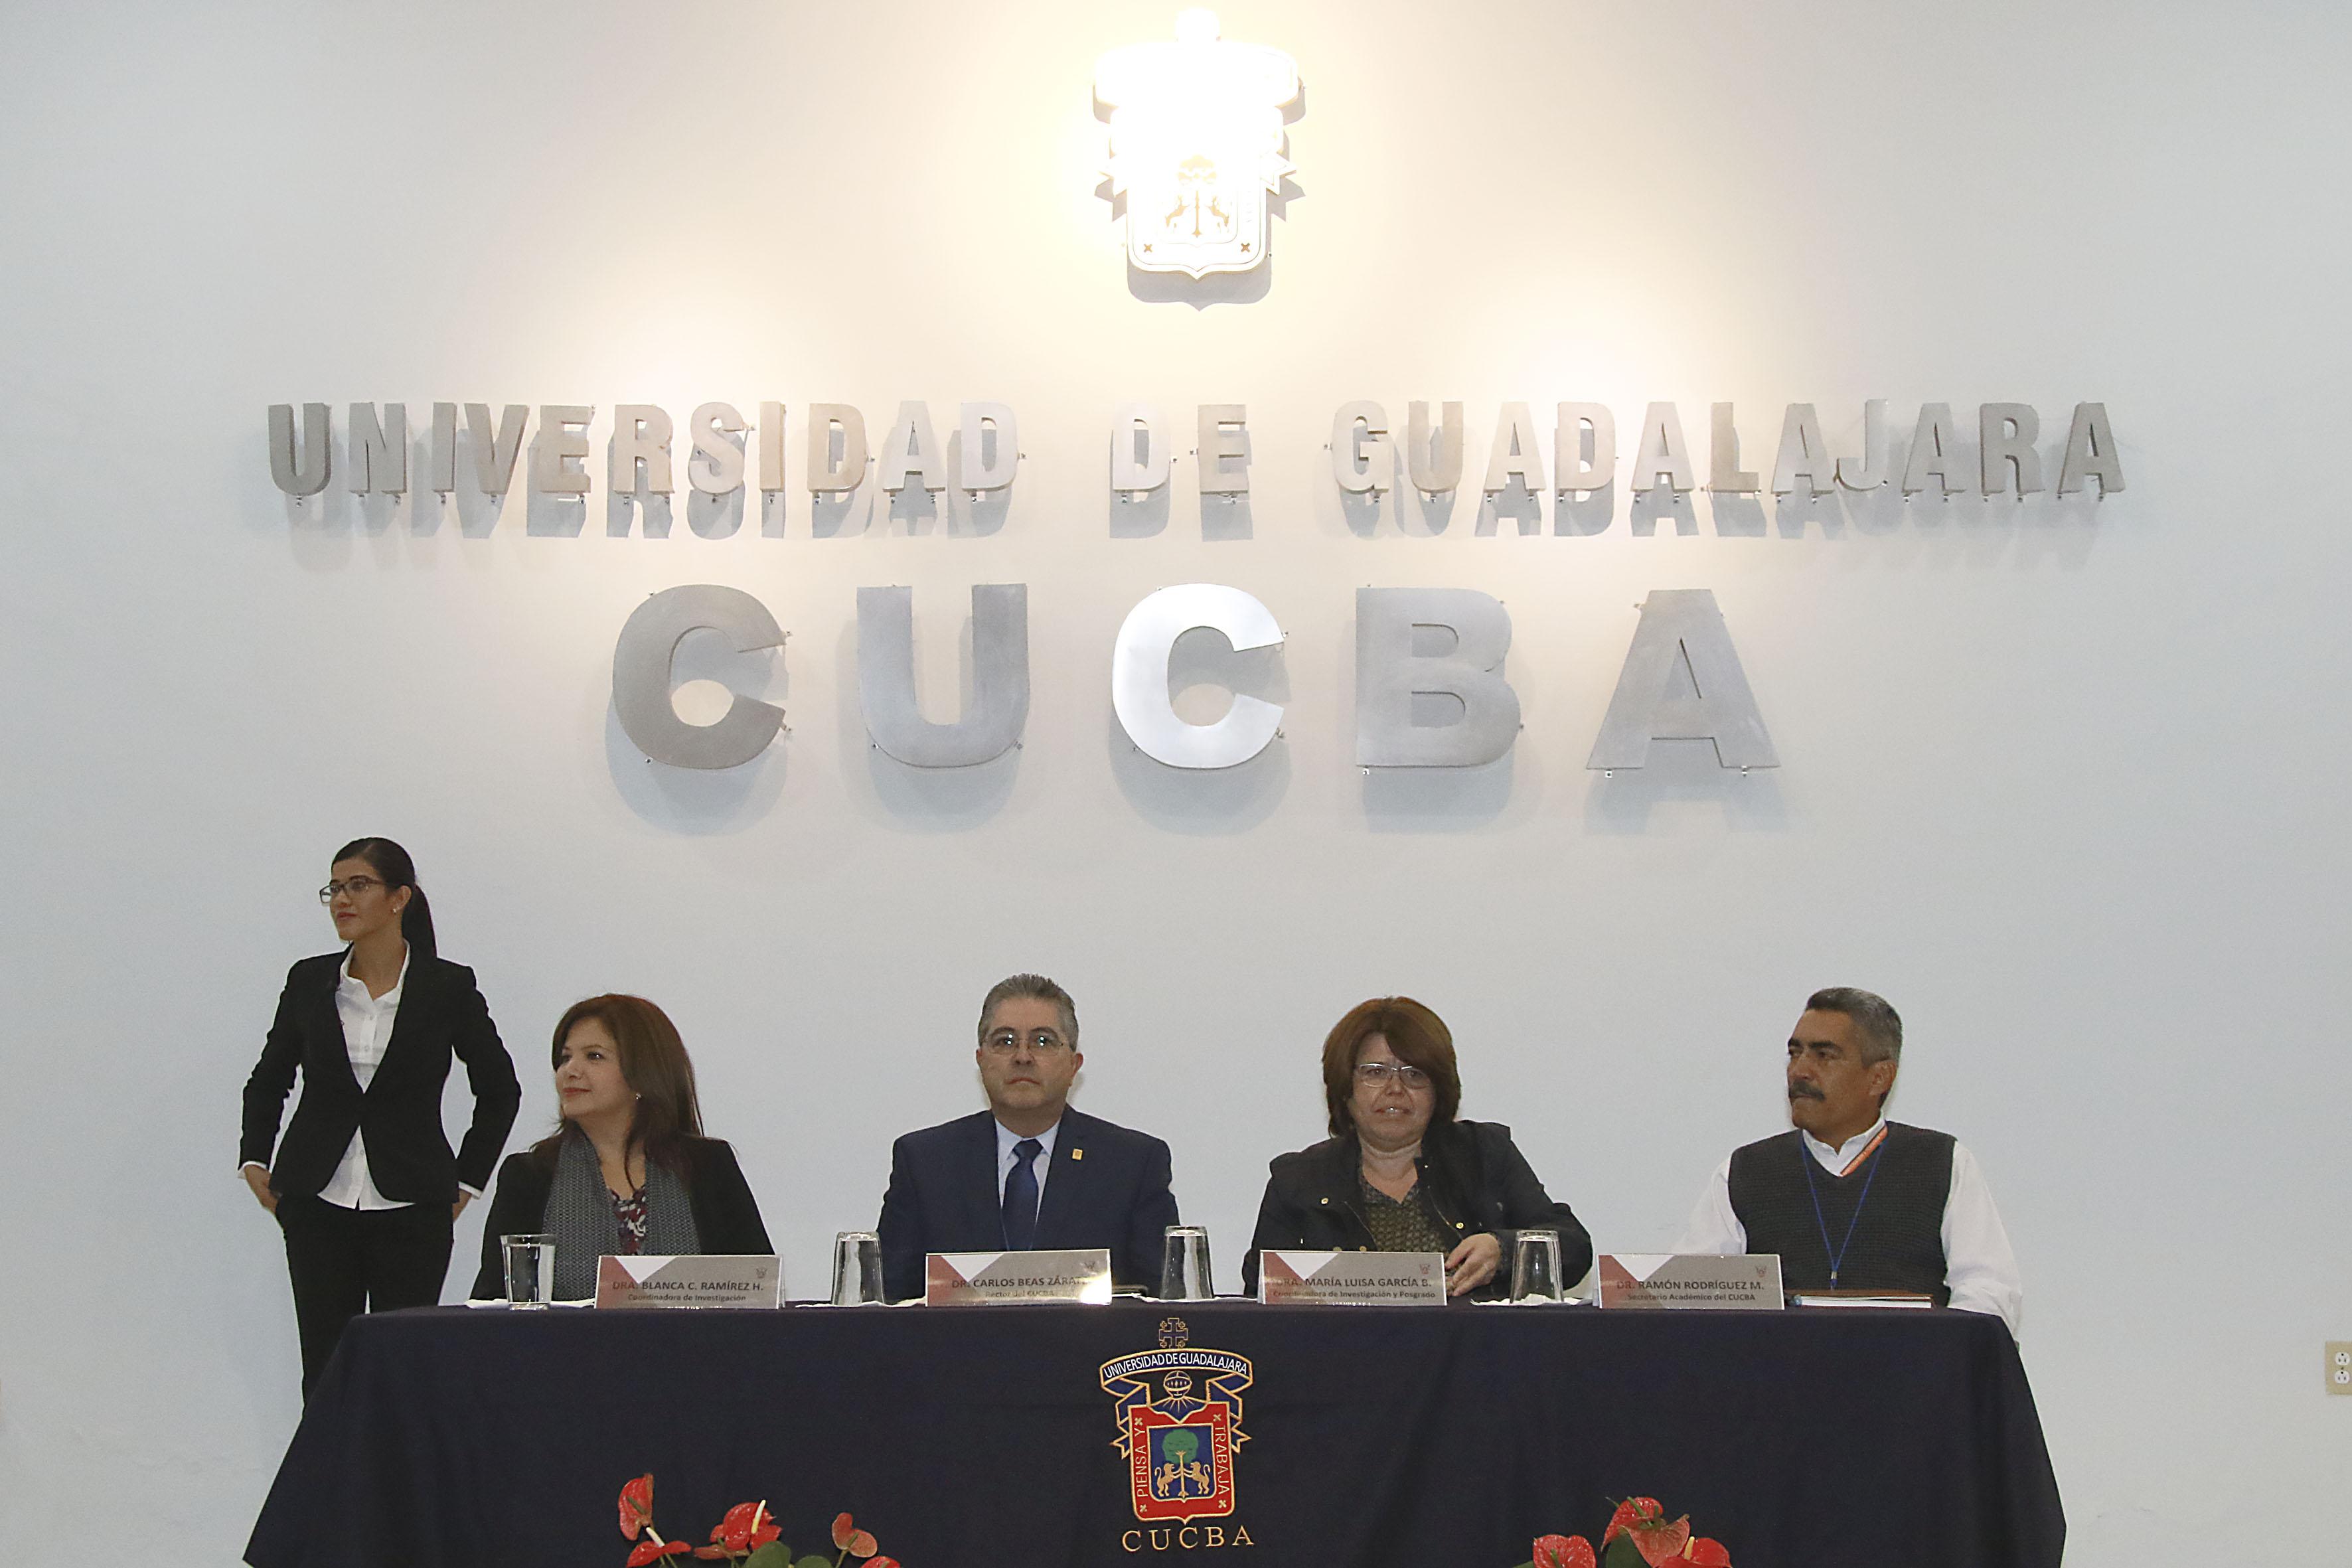 Autoridades e investigadores del CUCBA, participantes del Encuentro de la Ciencia y la Tecnología, en el marco de la XXIII Semana Nacional de Ciencia y Tecnología 2016, del Conacyt.